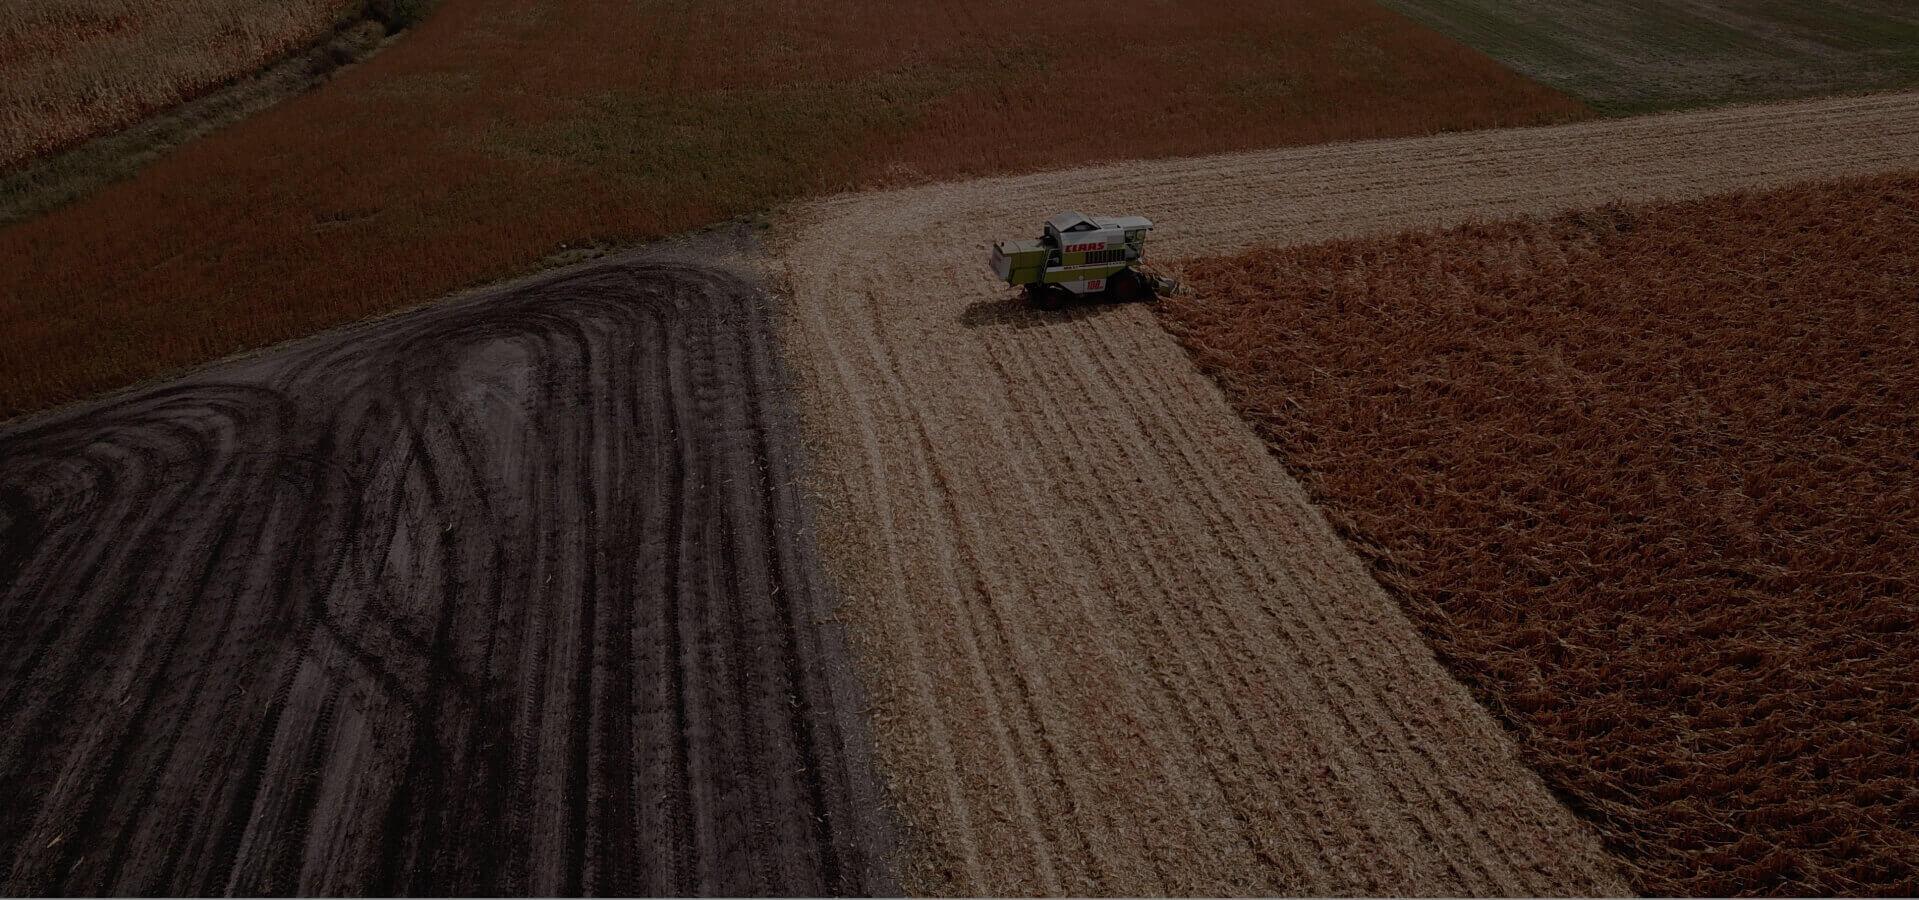 rolnictwo precyzyjne - zdjęcie pól podczas żniw